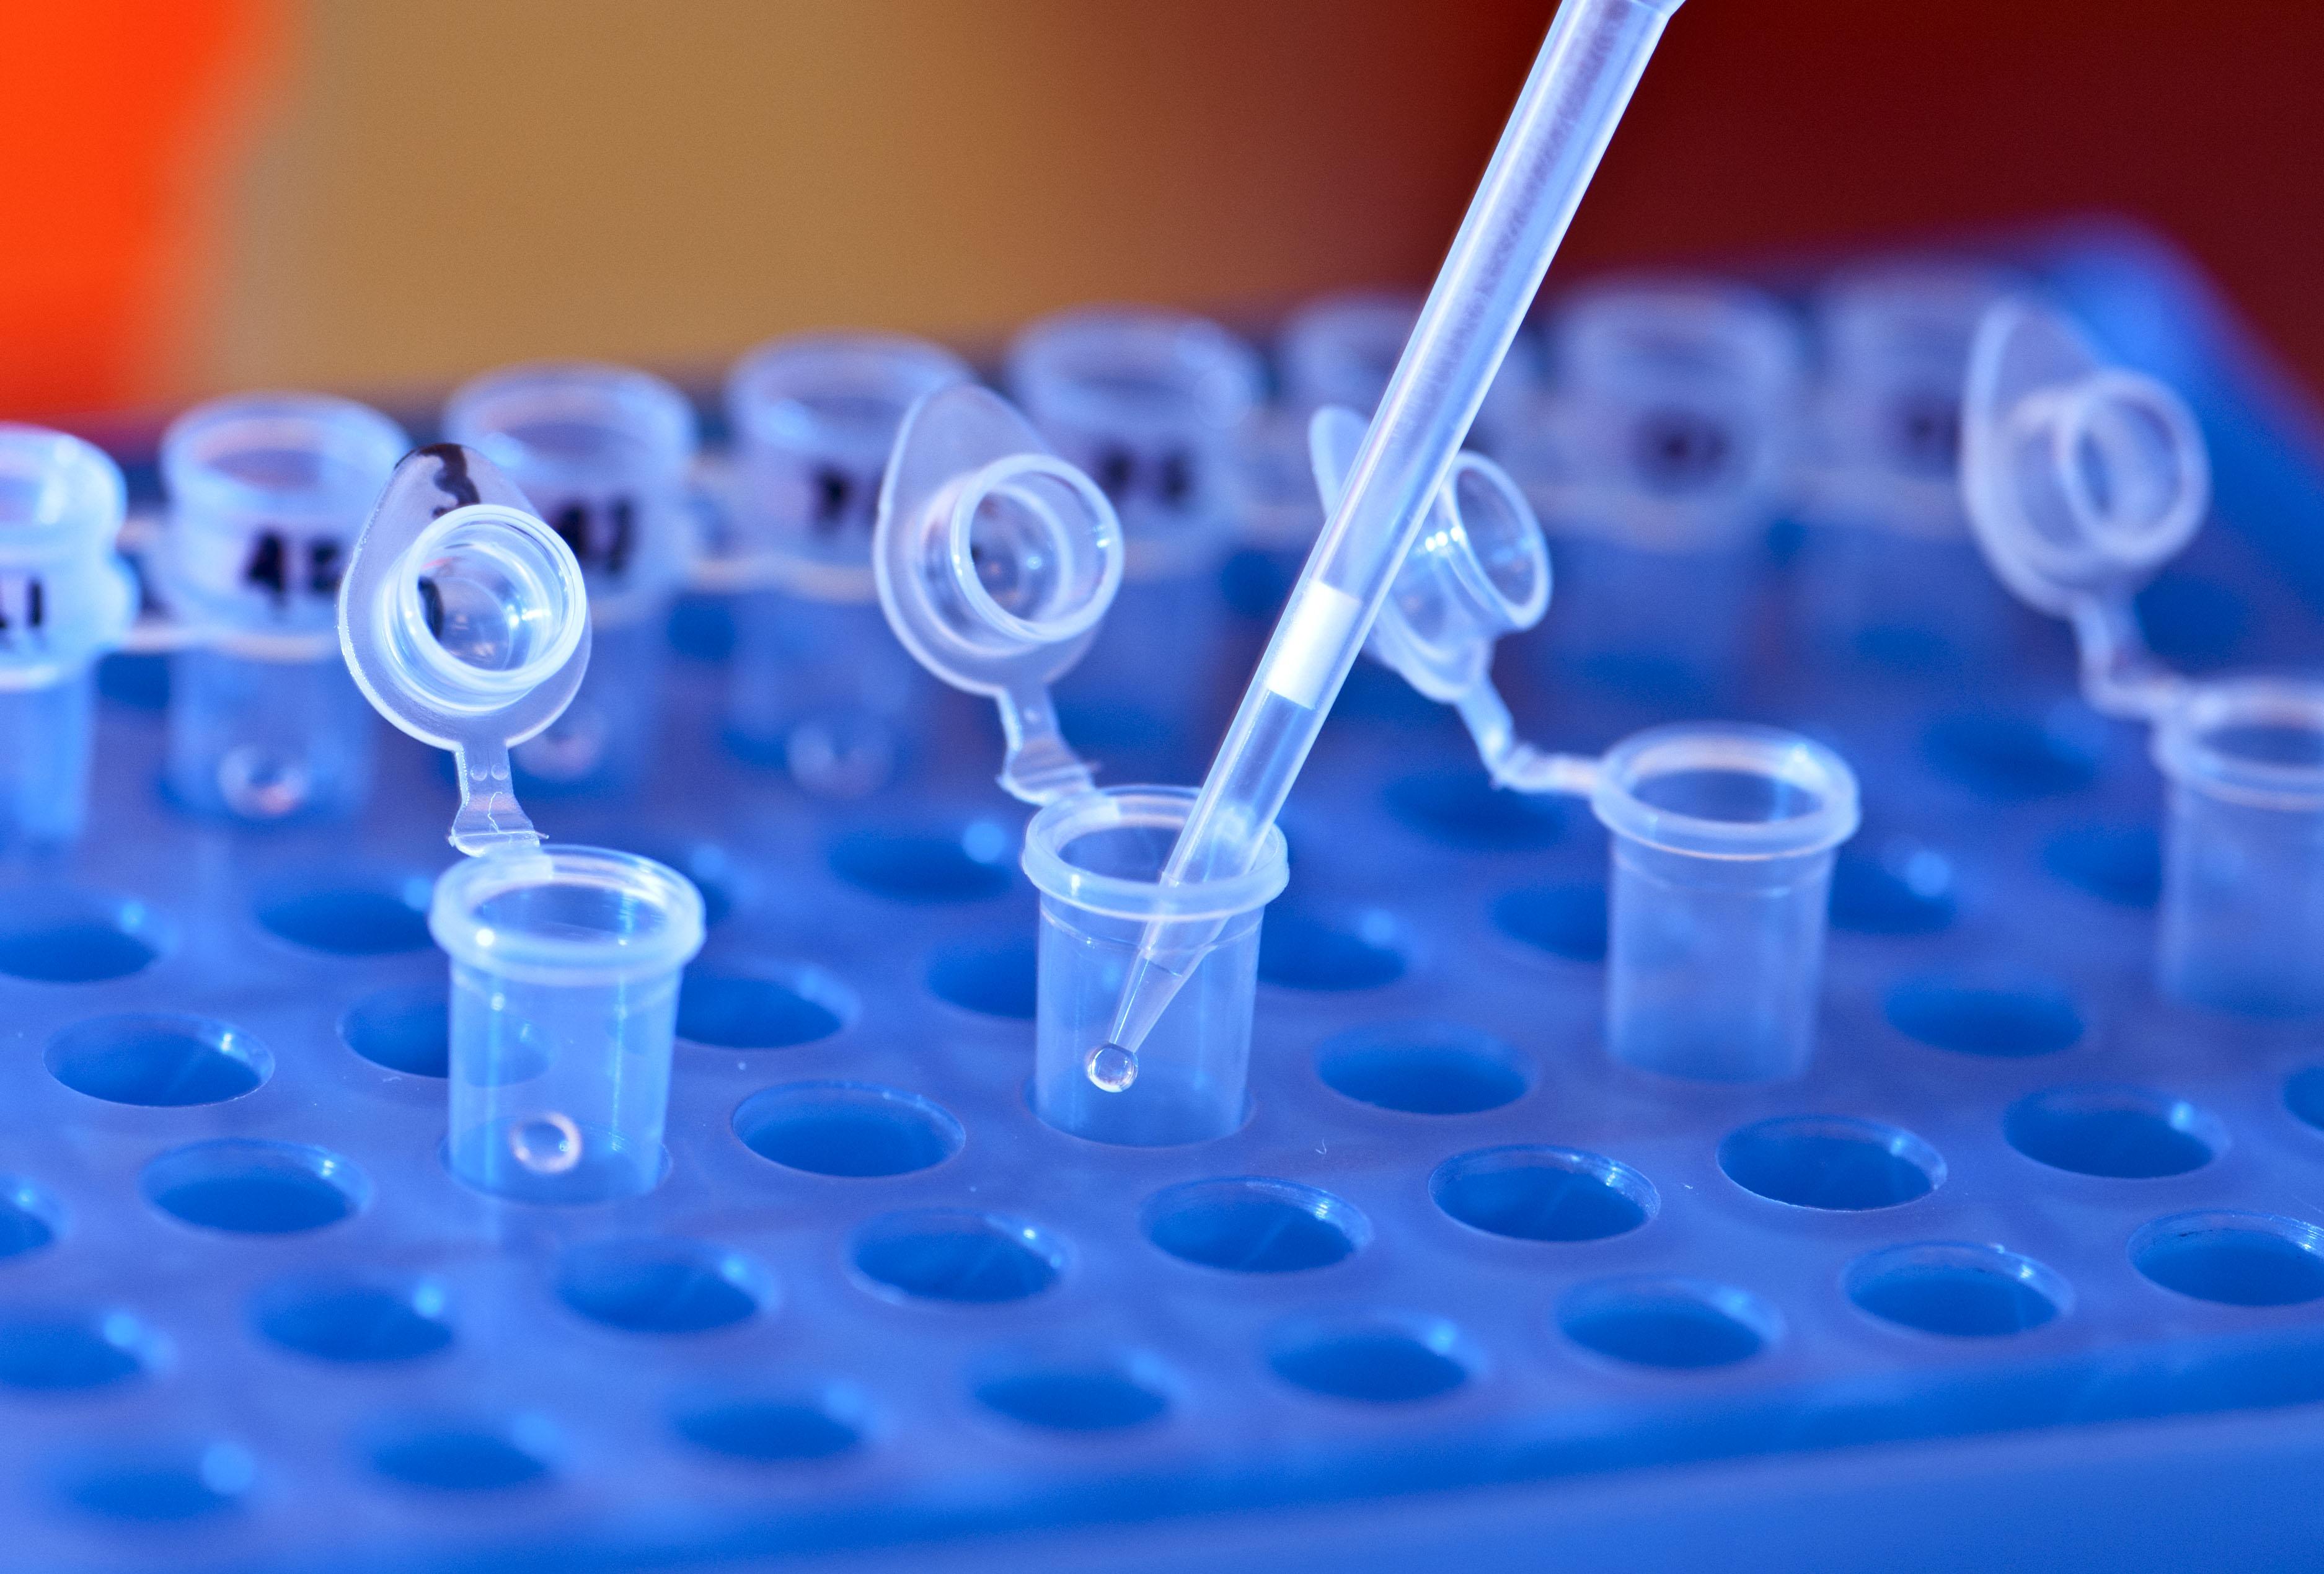 Un nuevo test genético es capaz de detectar 552 enfermedades hereditarias